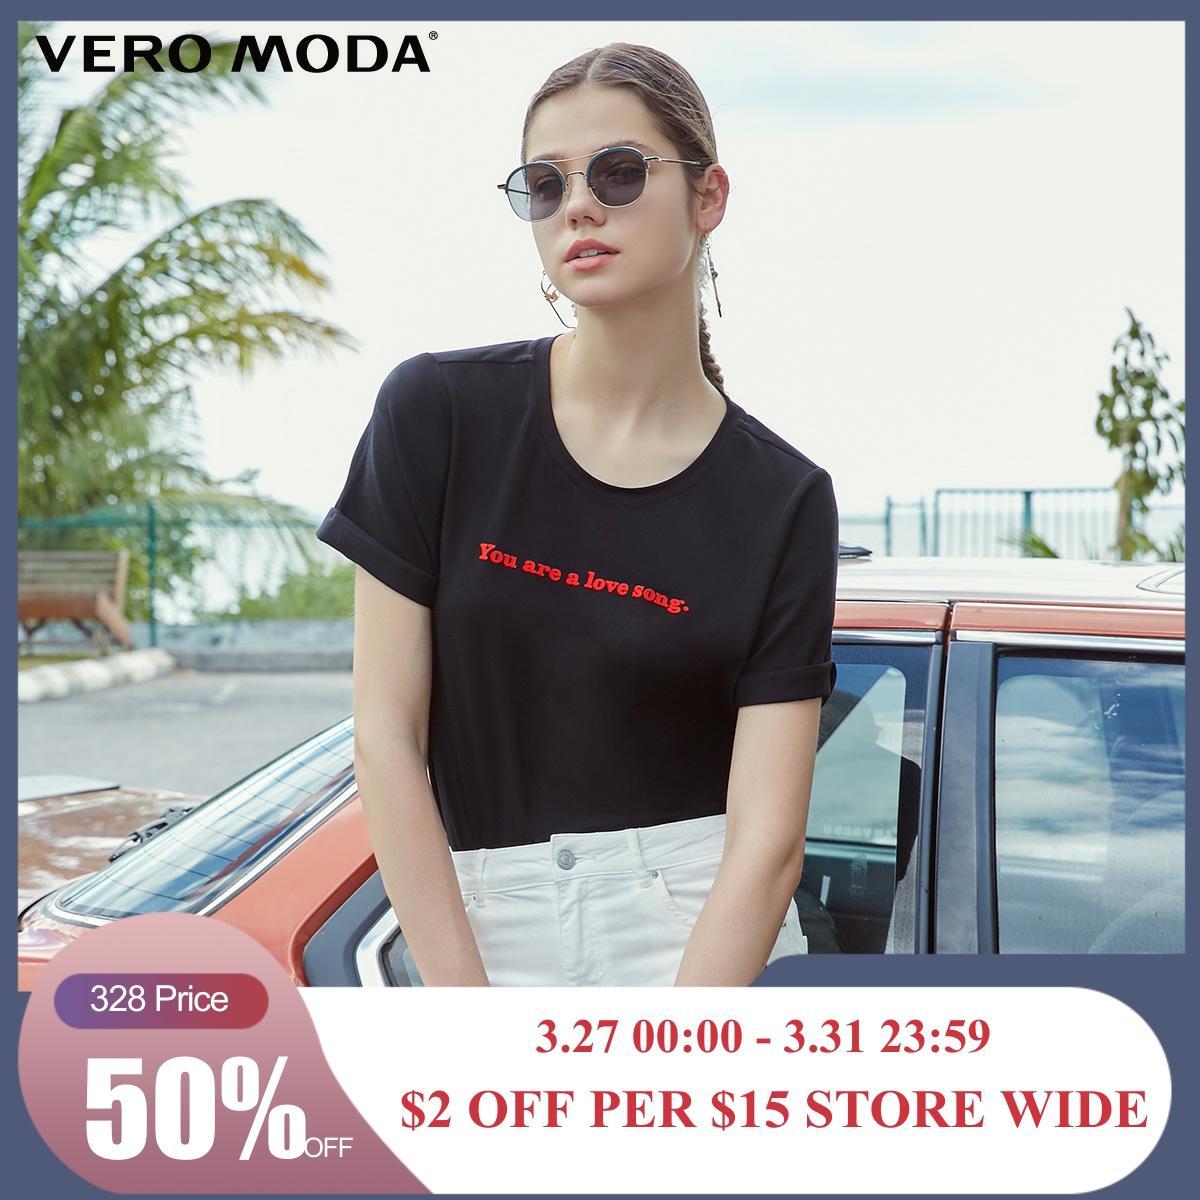 Vero Moda Women's Cotton Letter Print Folded Cuffs Round Neckline T-shirt | 319201558